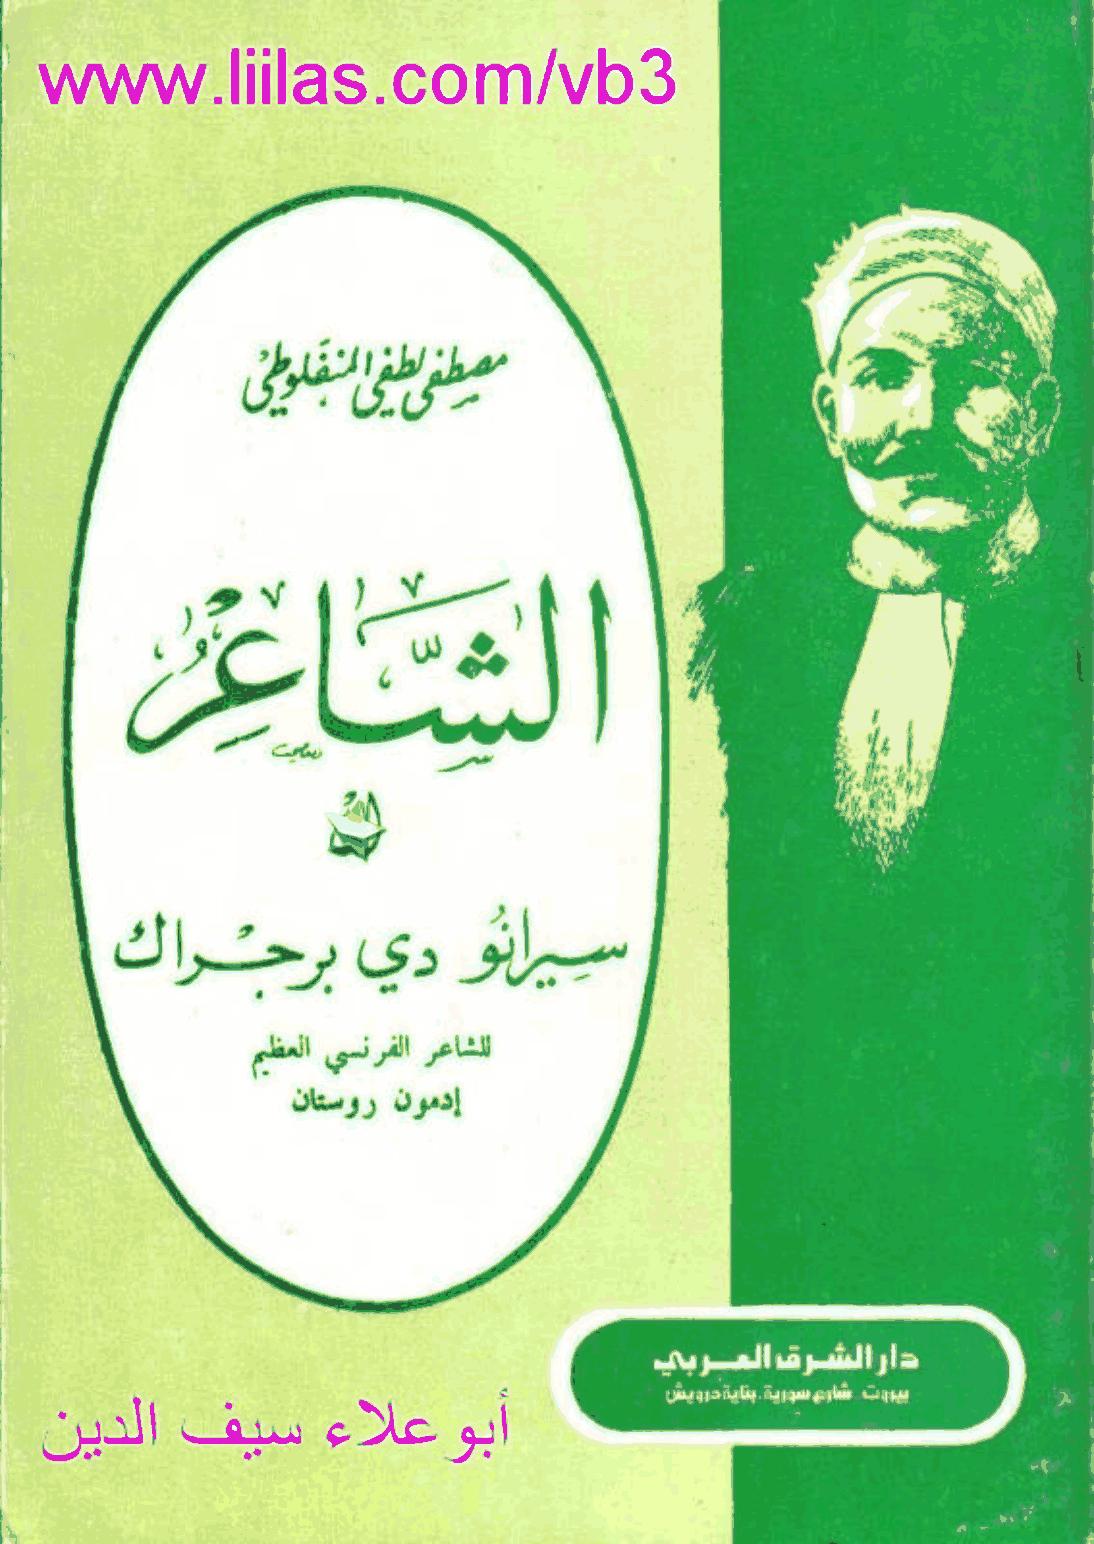 كتاب الشاعر ( سيرانو دي برجراك )